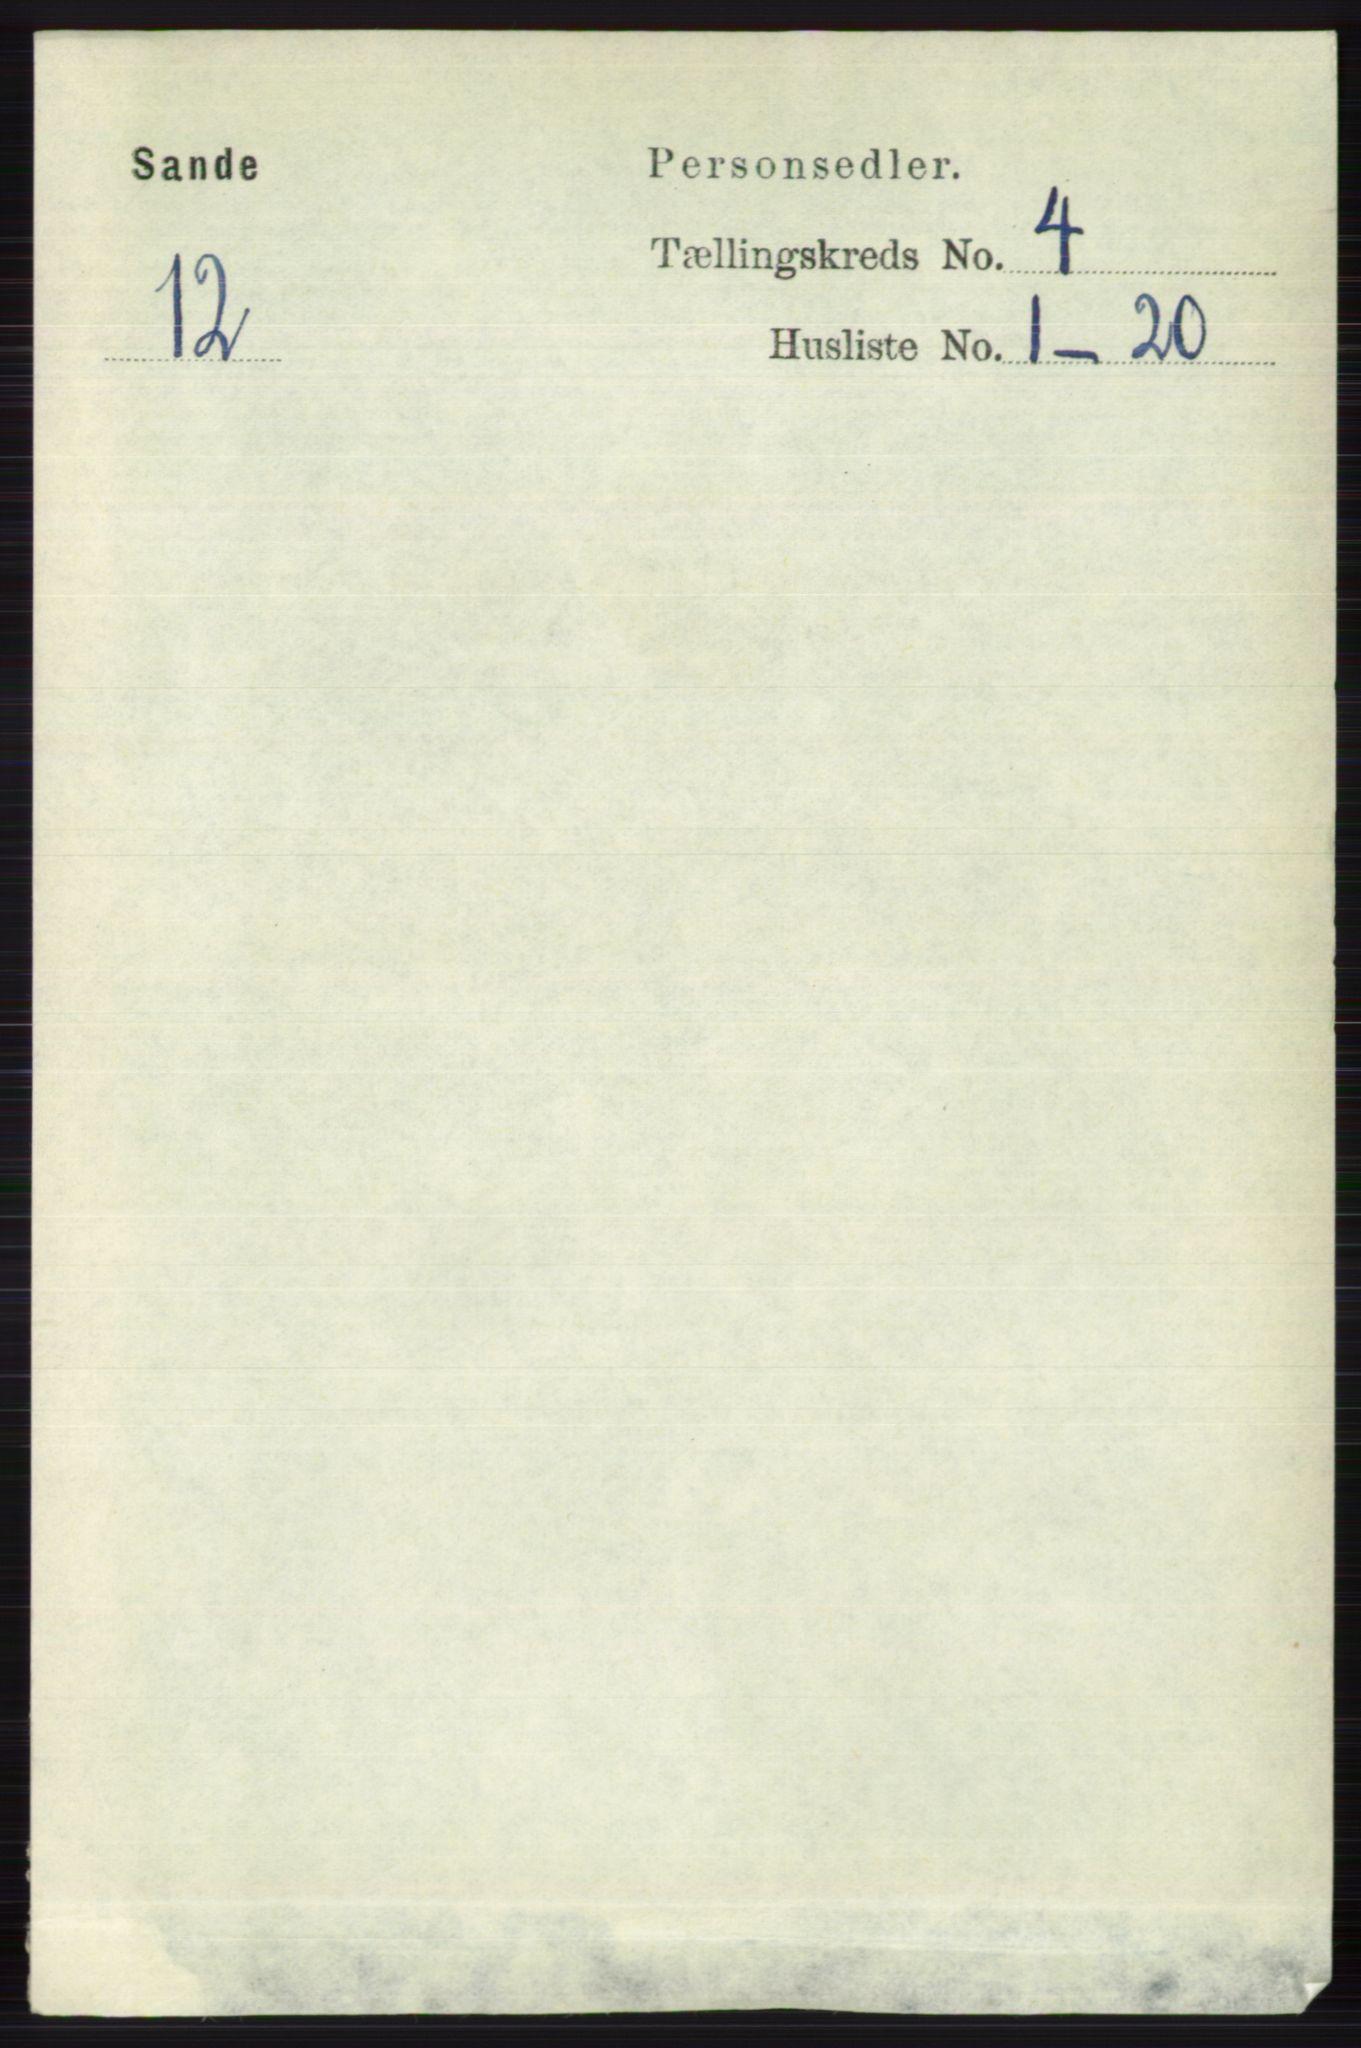 RA, Folketelling 1891 for 0713 Sande herred, 1891, s. 1483